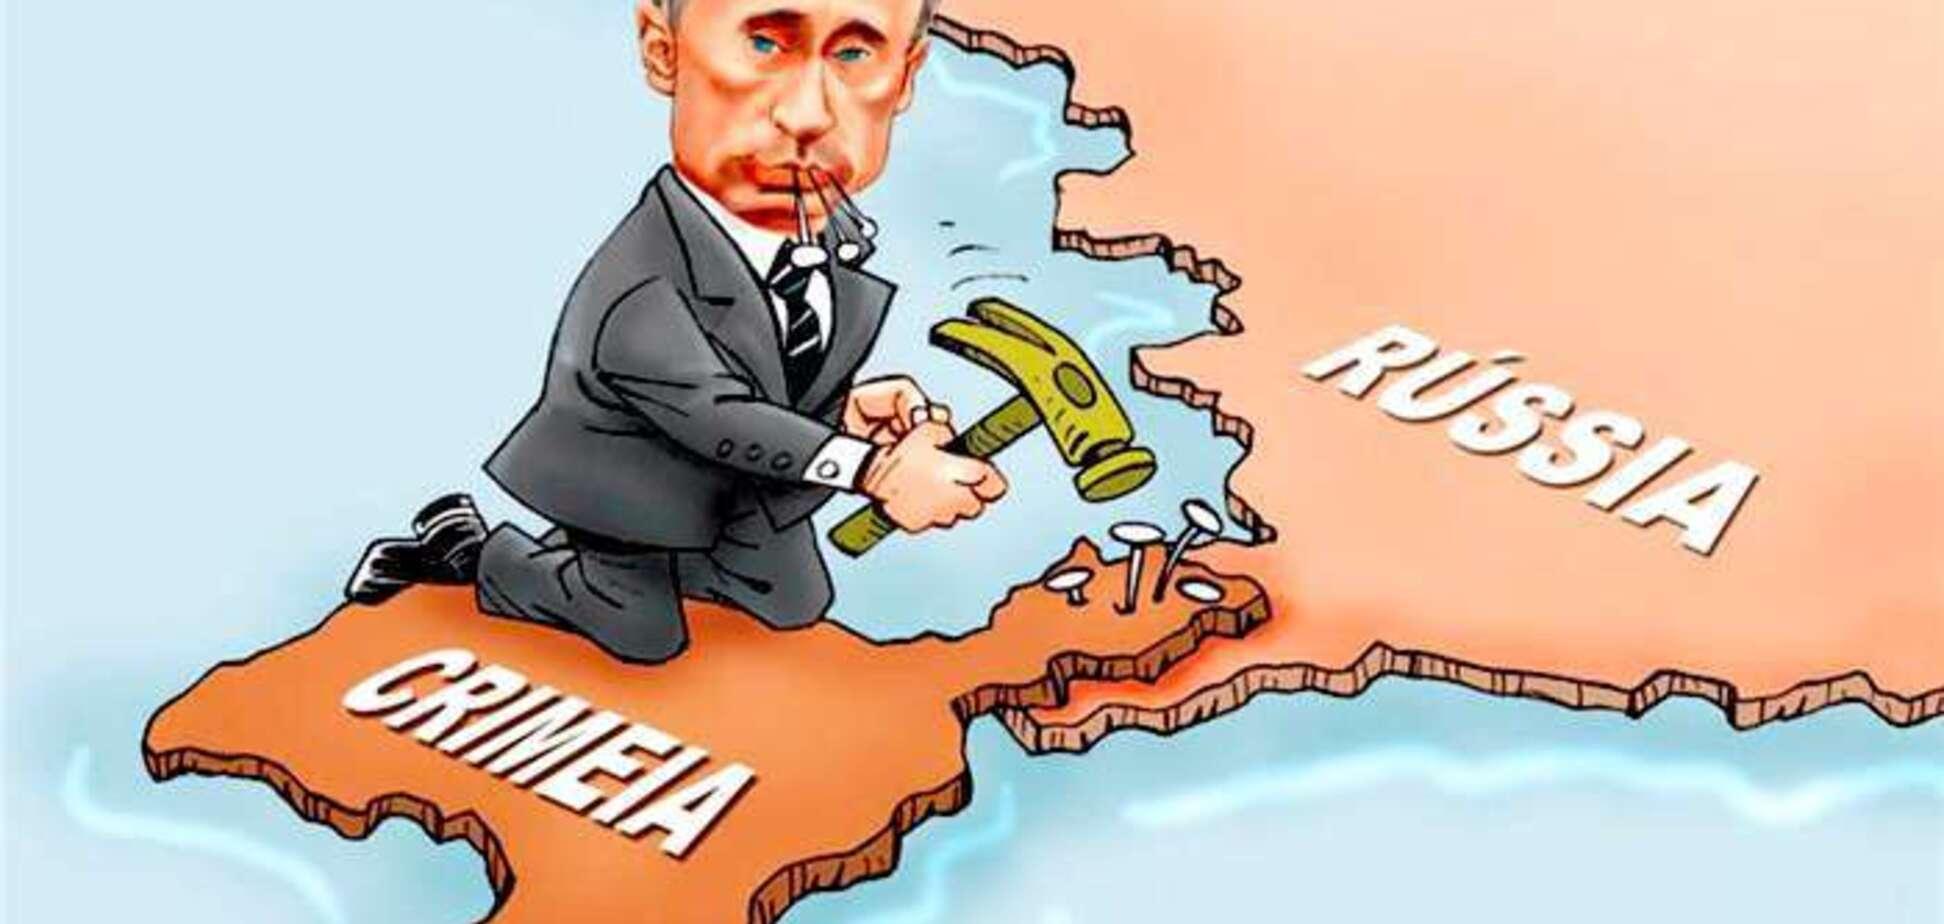 Крим - Україна: Кравчук пояснив Путіну просту істину